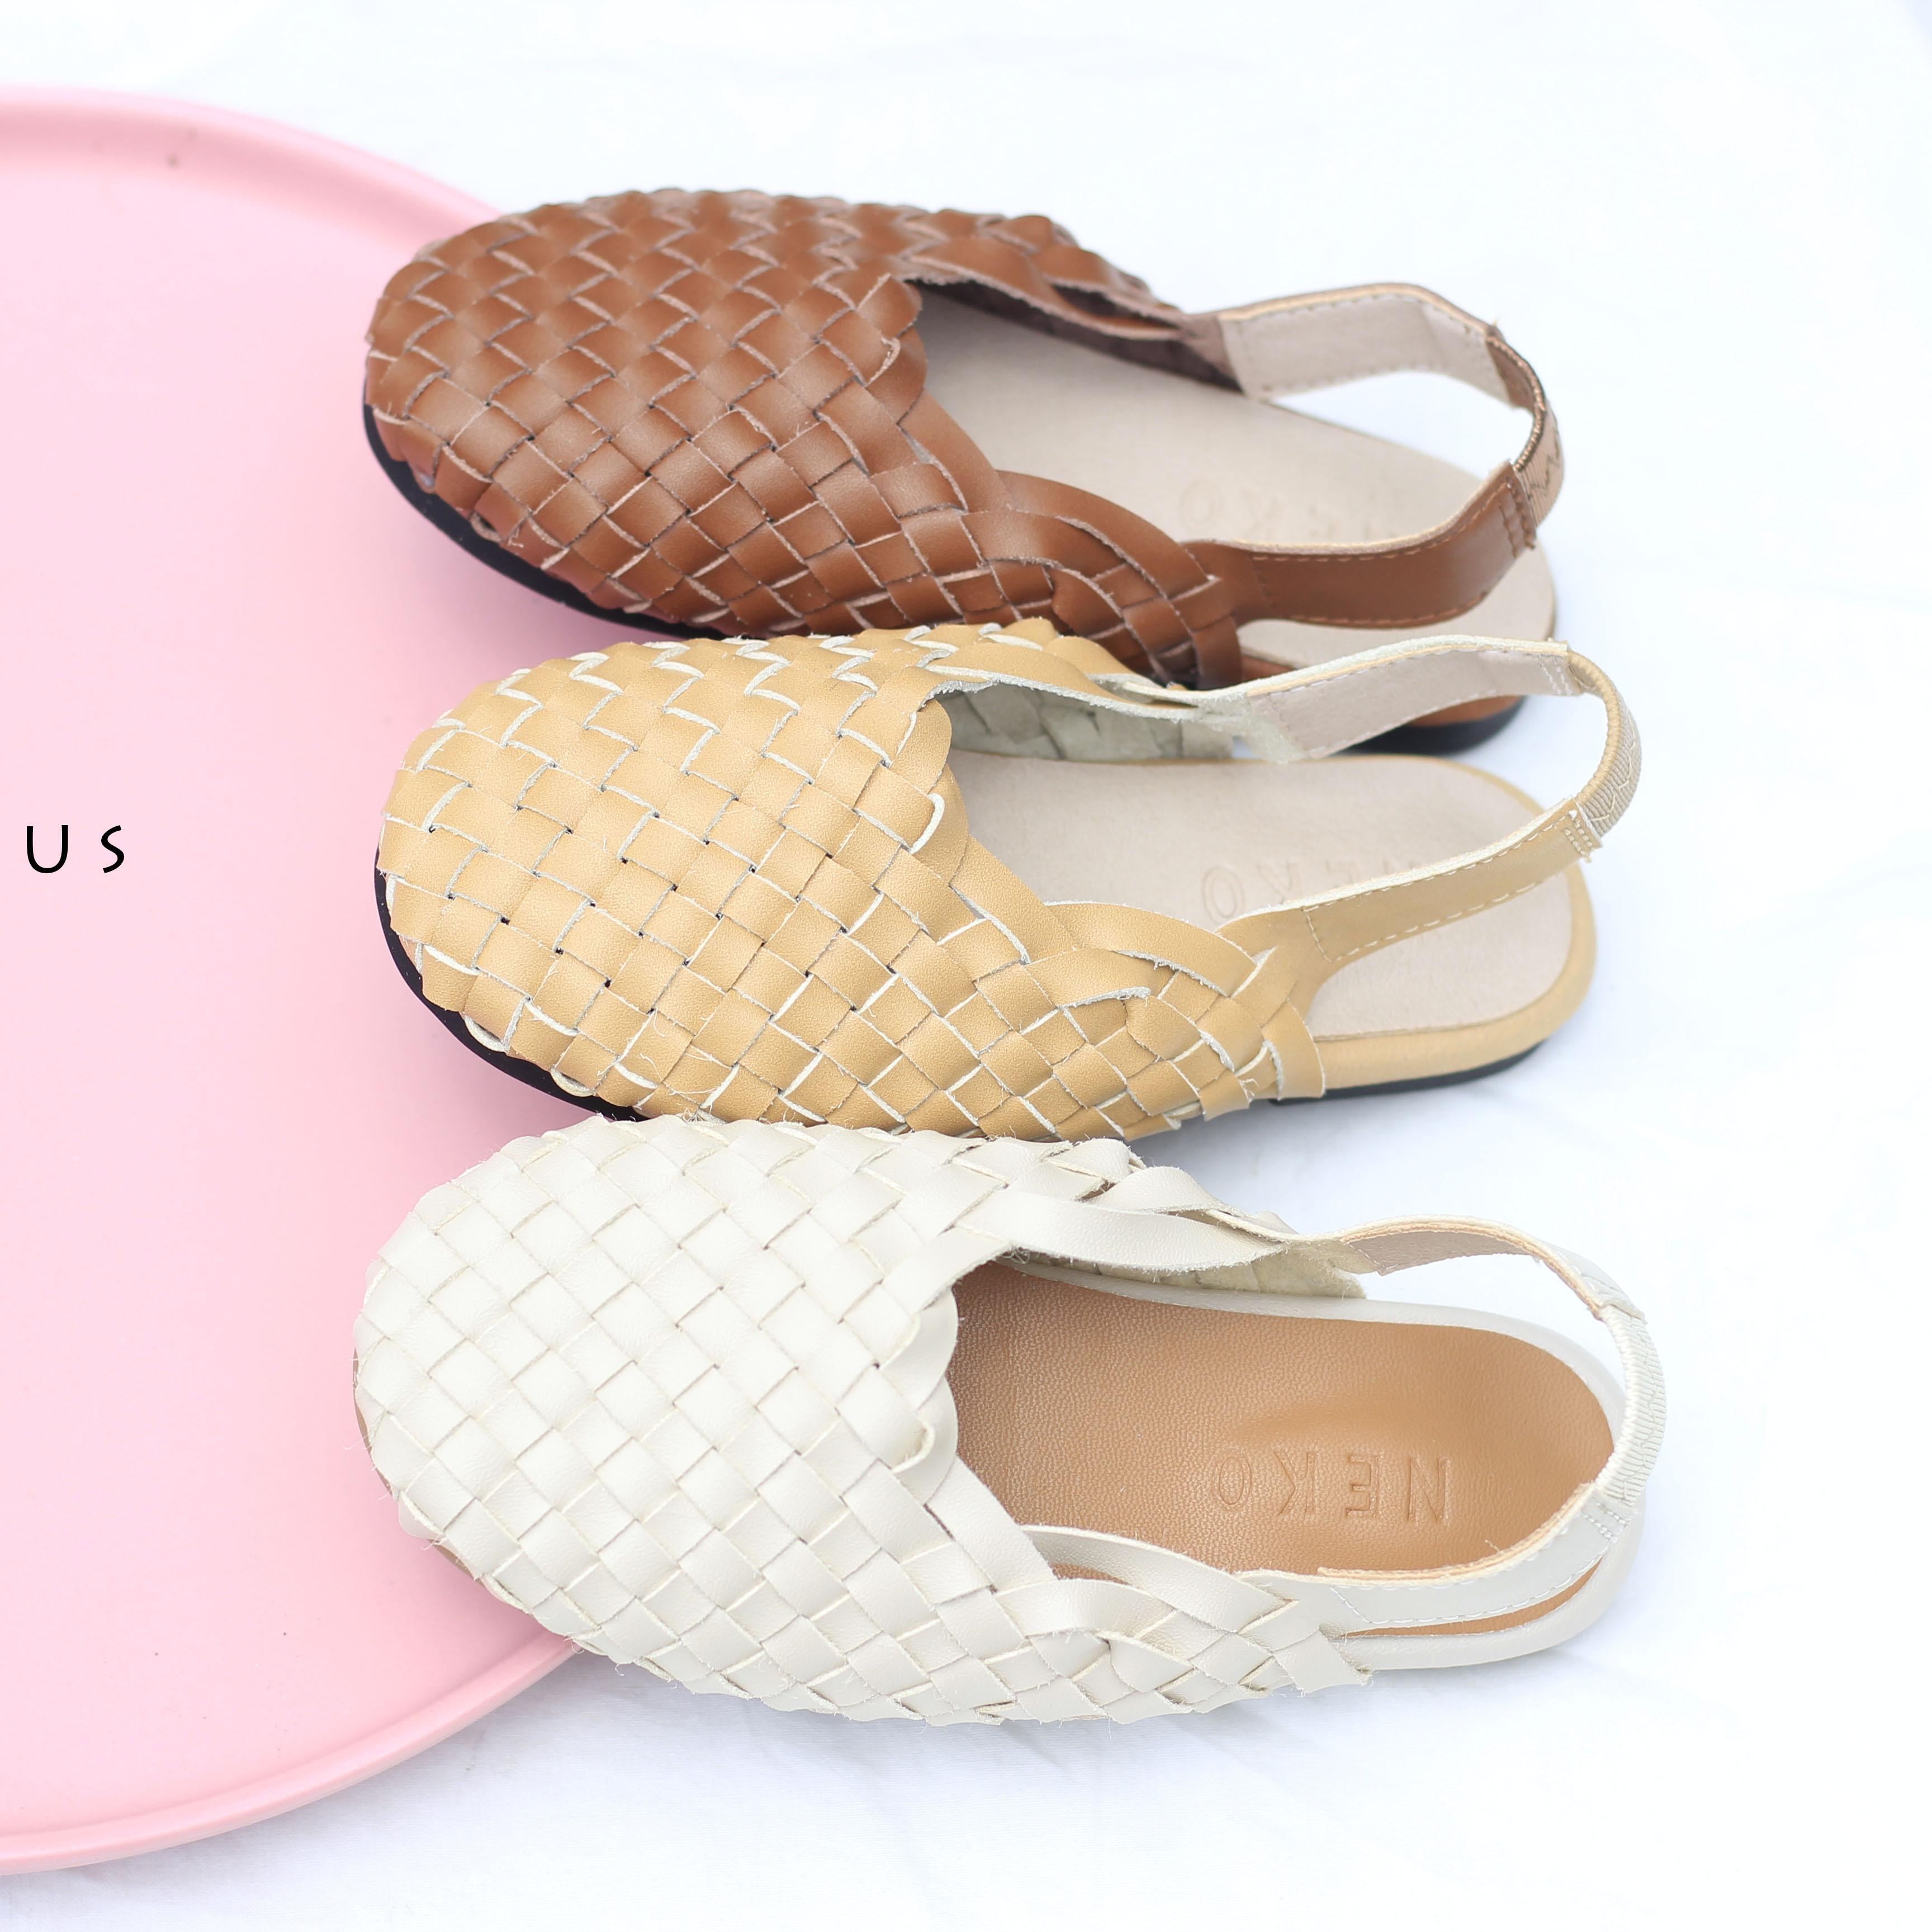 女童鞋2019新款夏季软底凉鞋 网红包头时尚韩版小童鞋 女孩防滑鞋